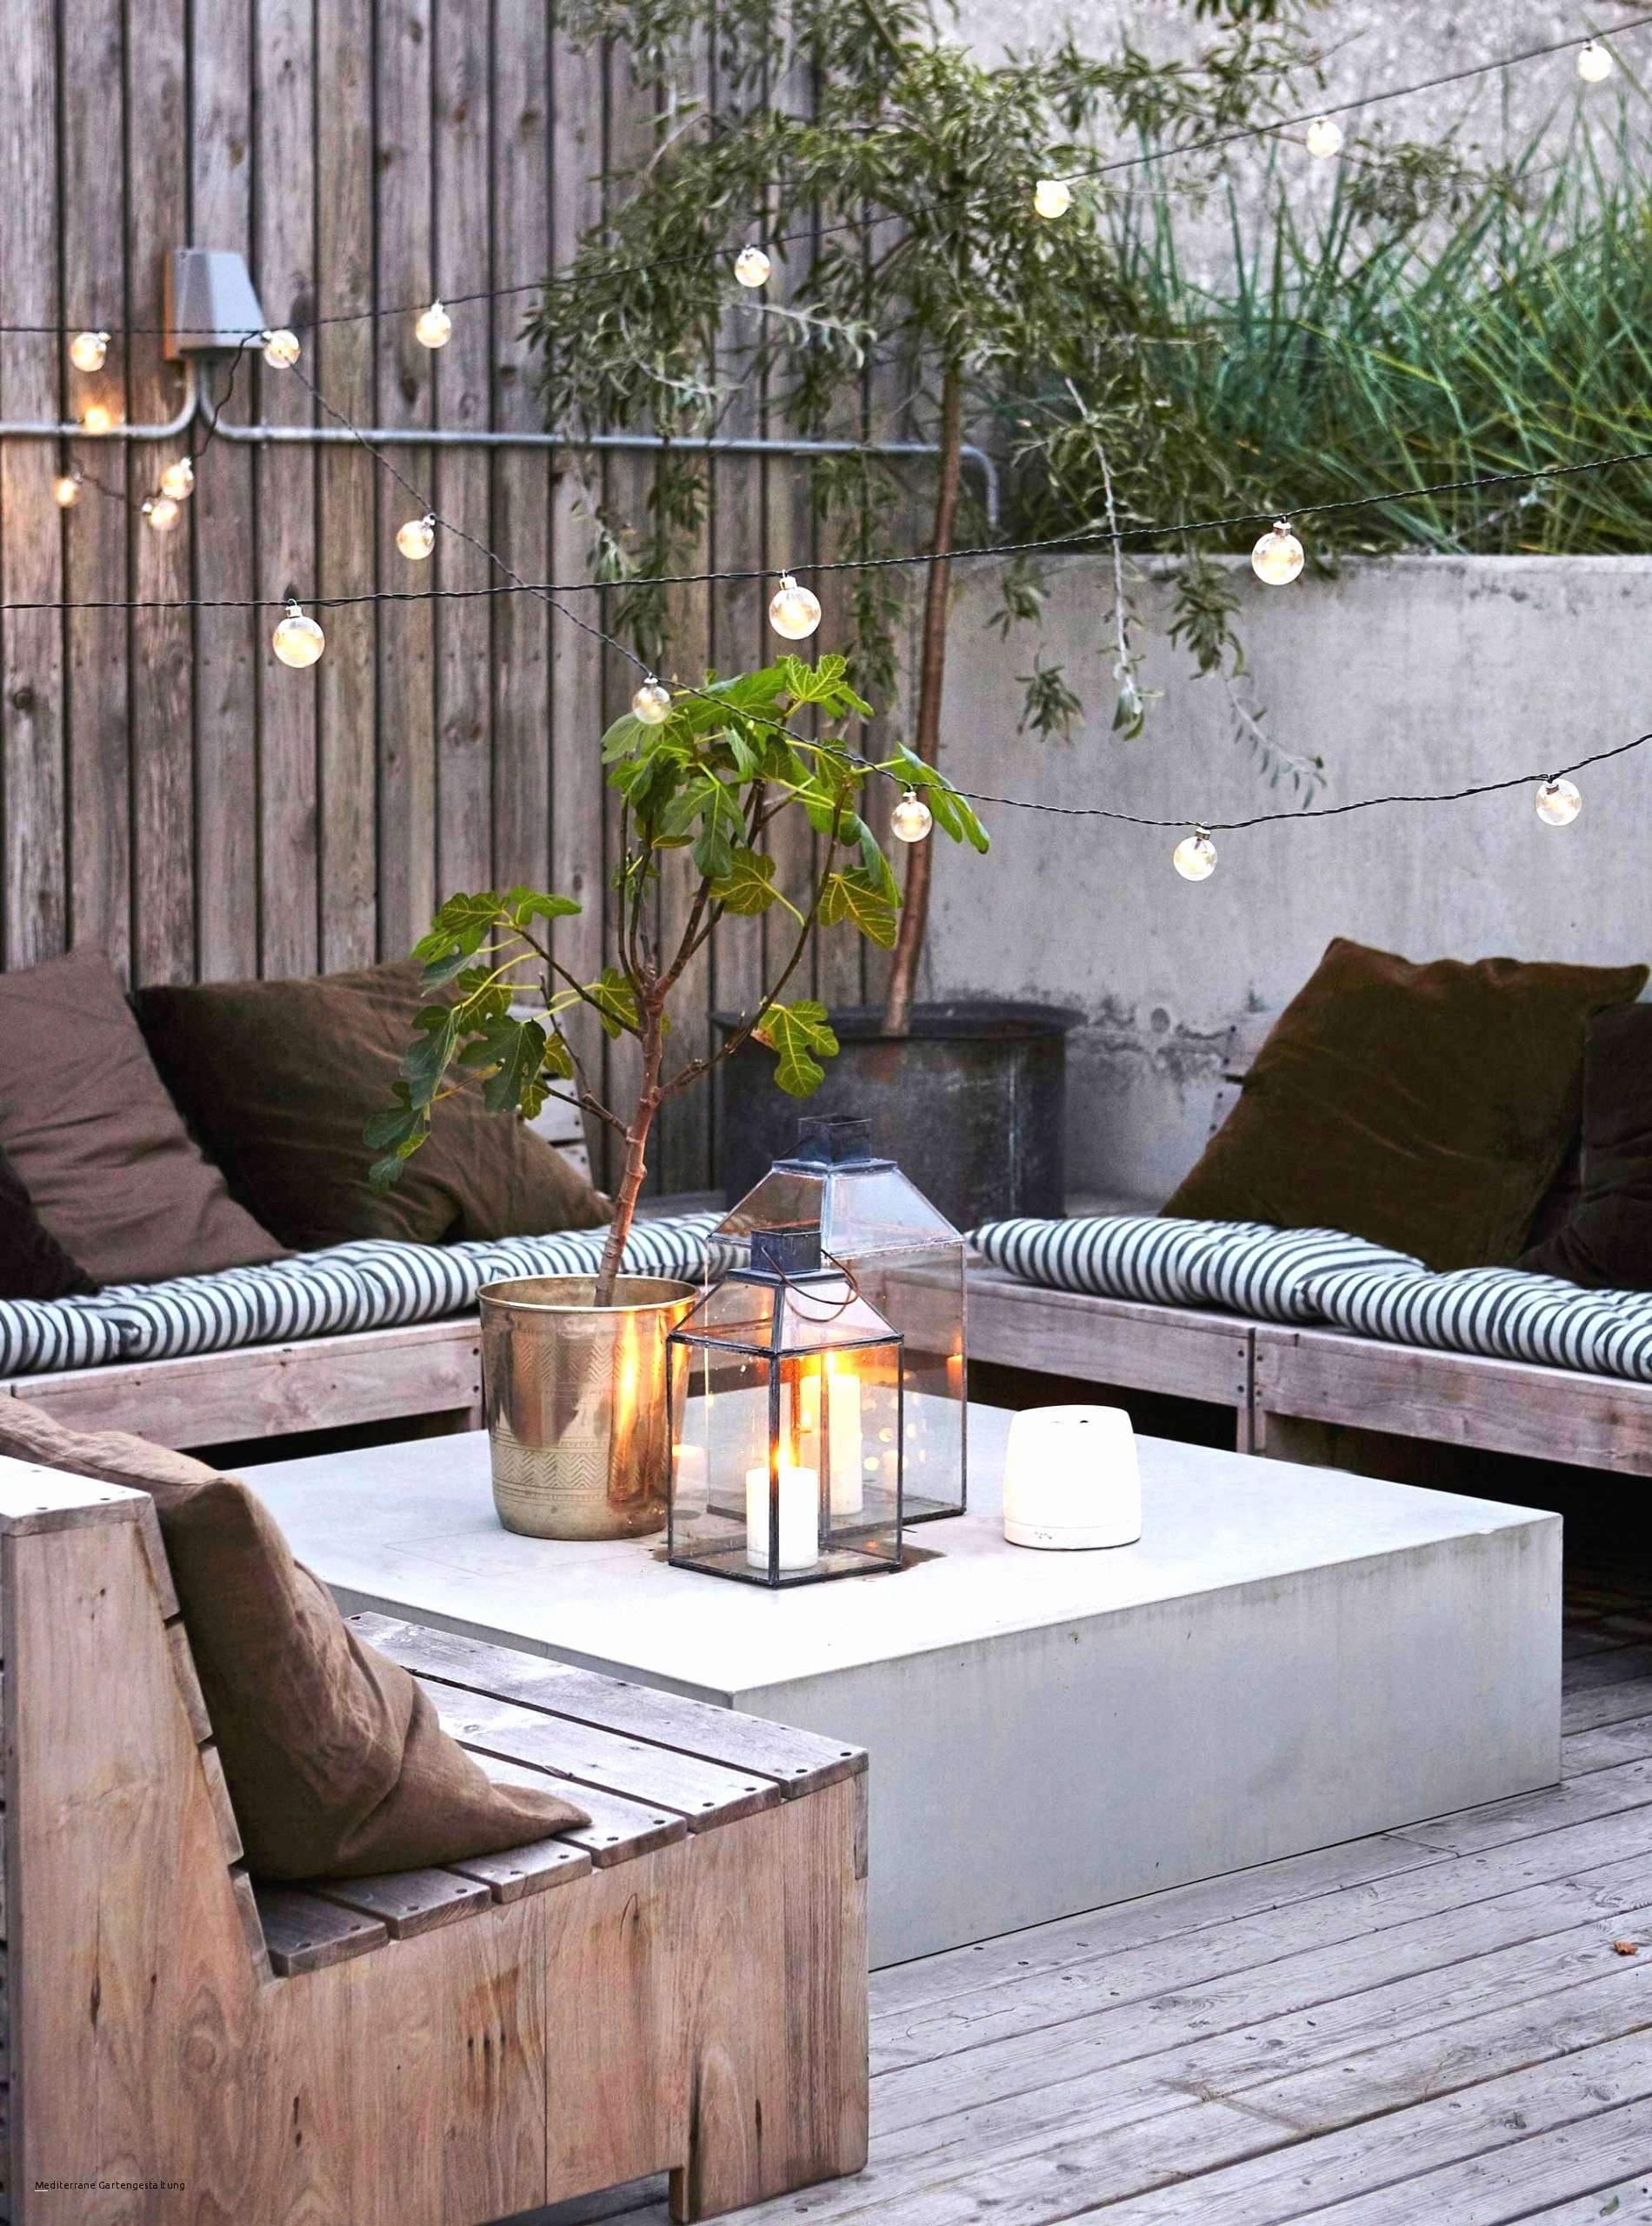 Balkon Deko Ideen Best Of 31 Reizend Wohnzimmer Deko Selber Machen Genial